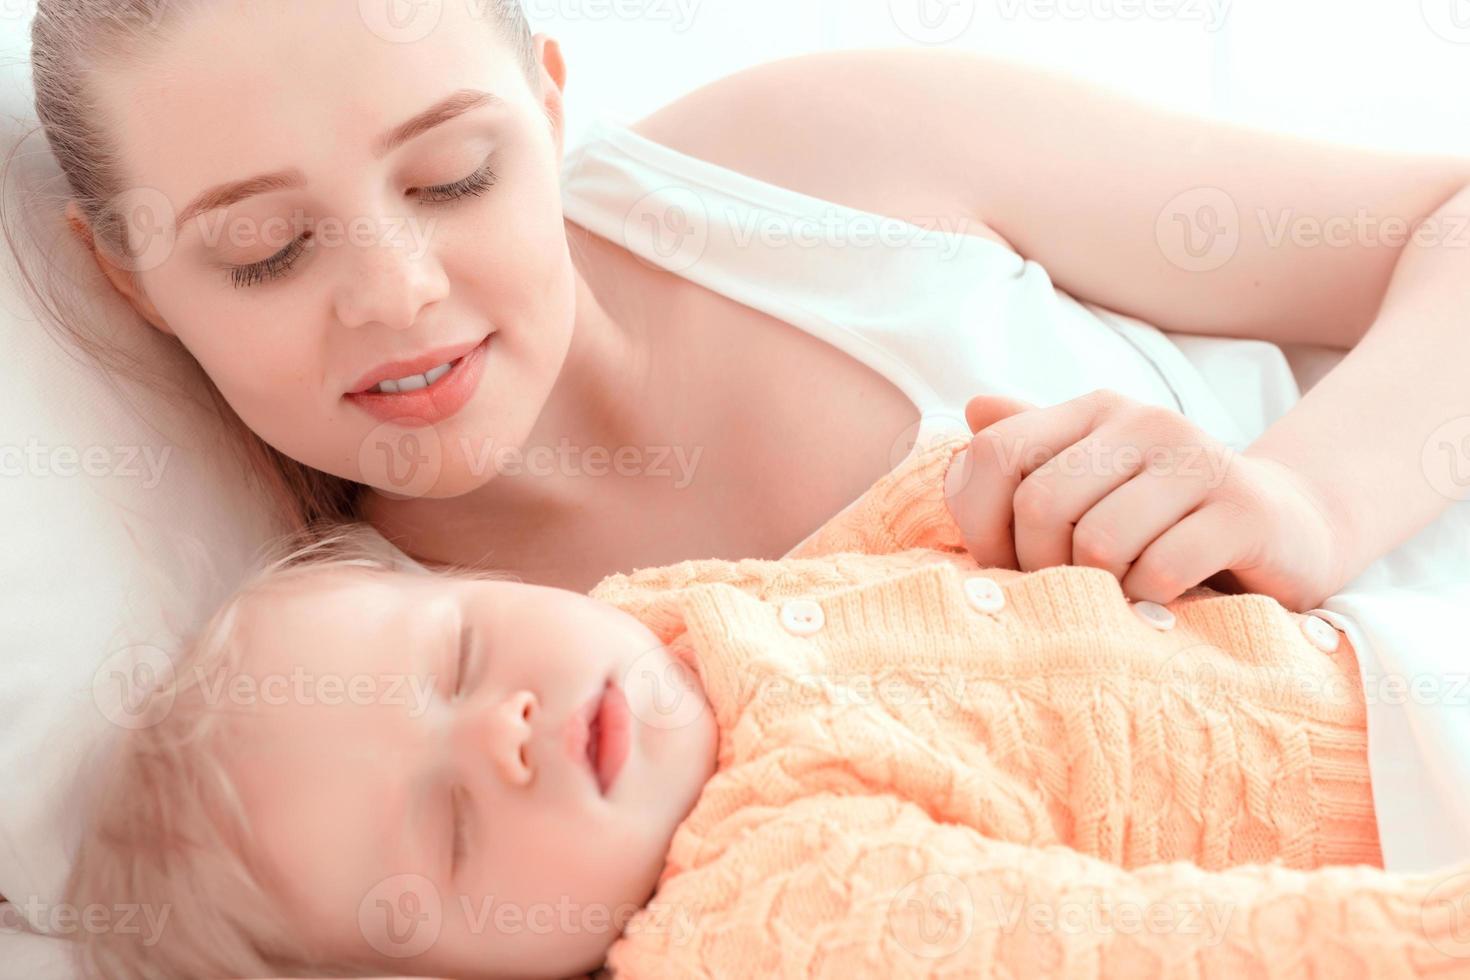 bebê dormindo e sua mãe foto